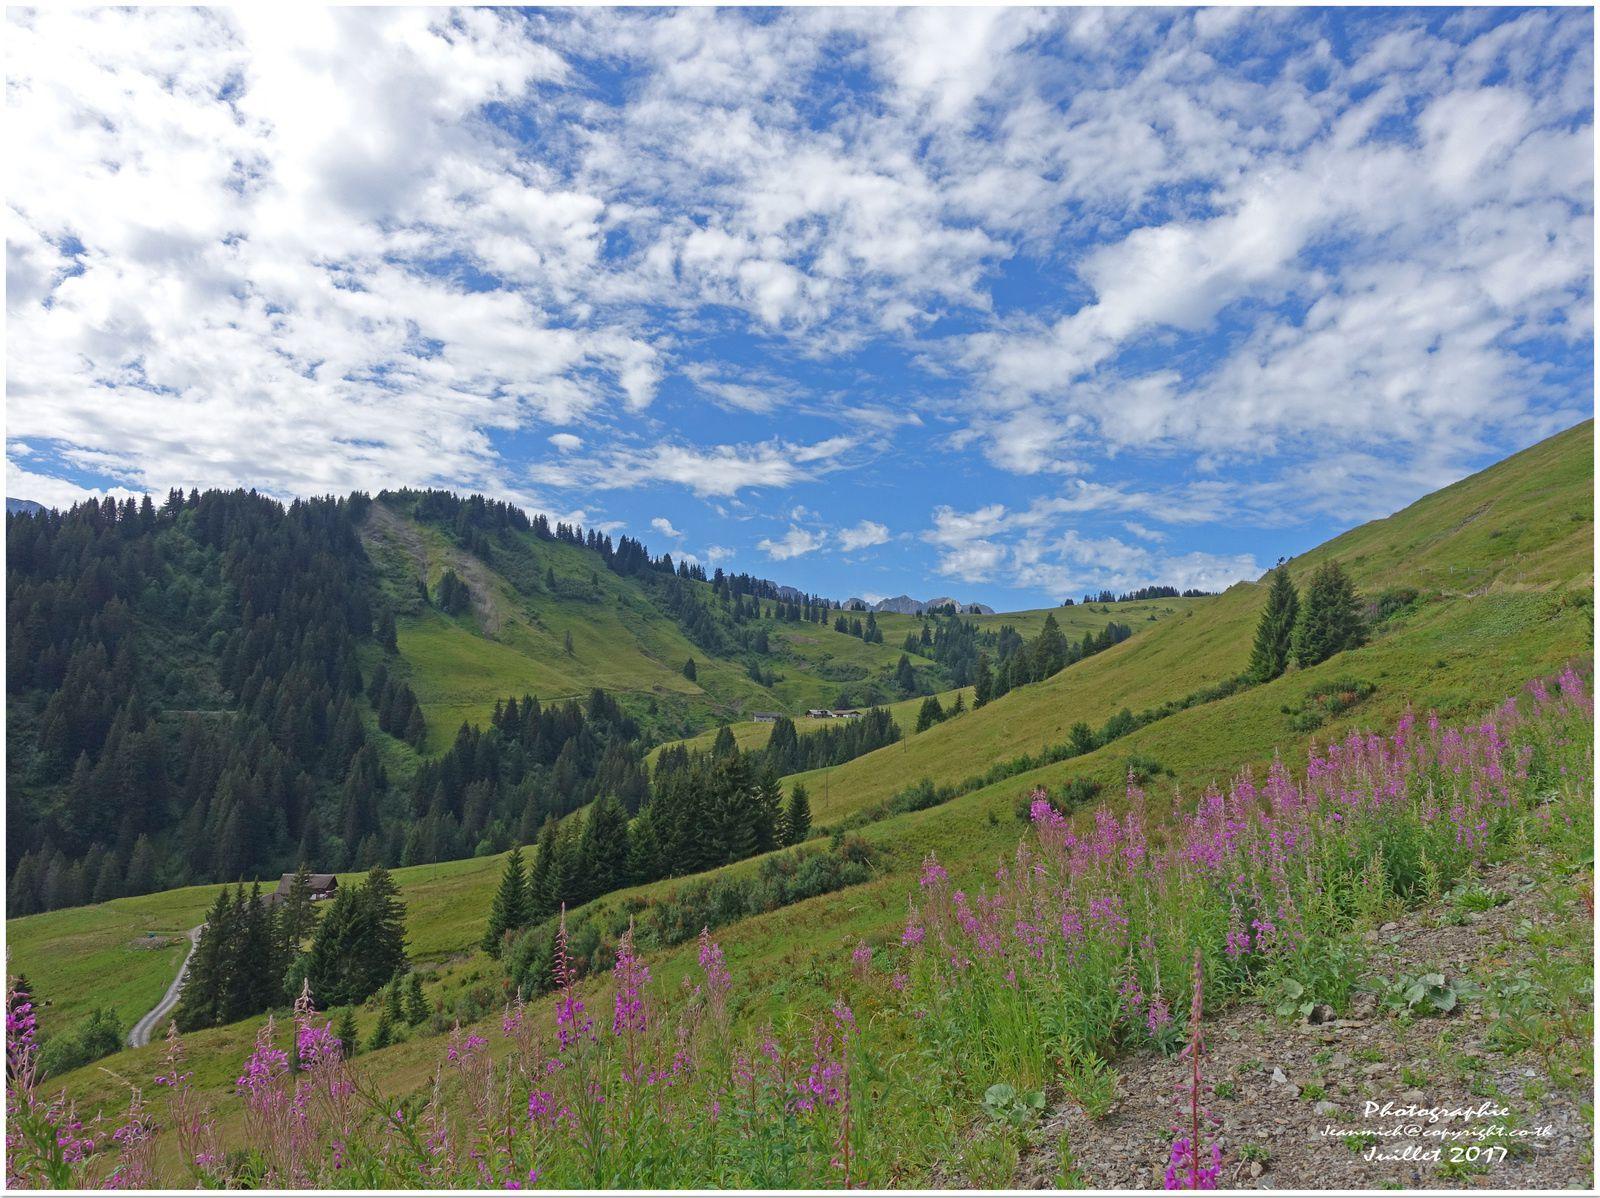 Promenade à Champoussin (Monthey, Suisse)